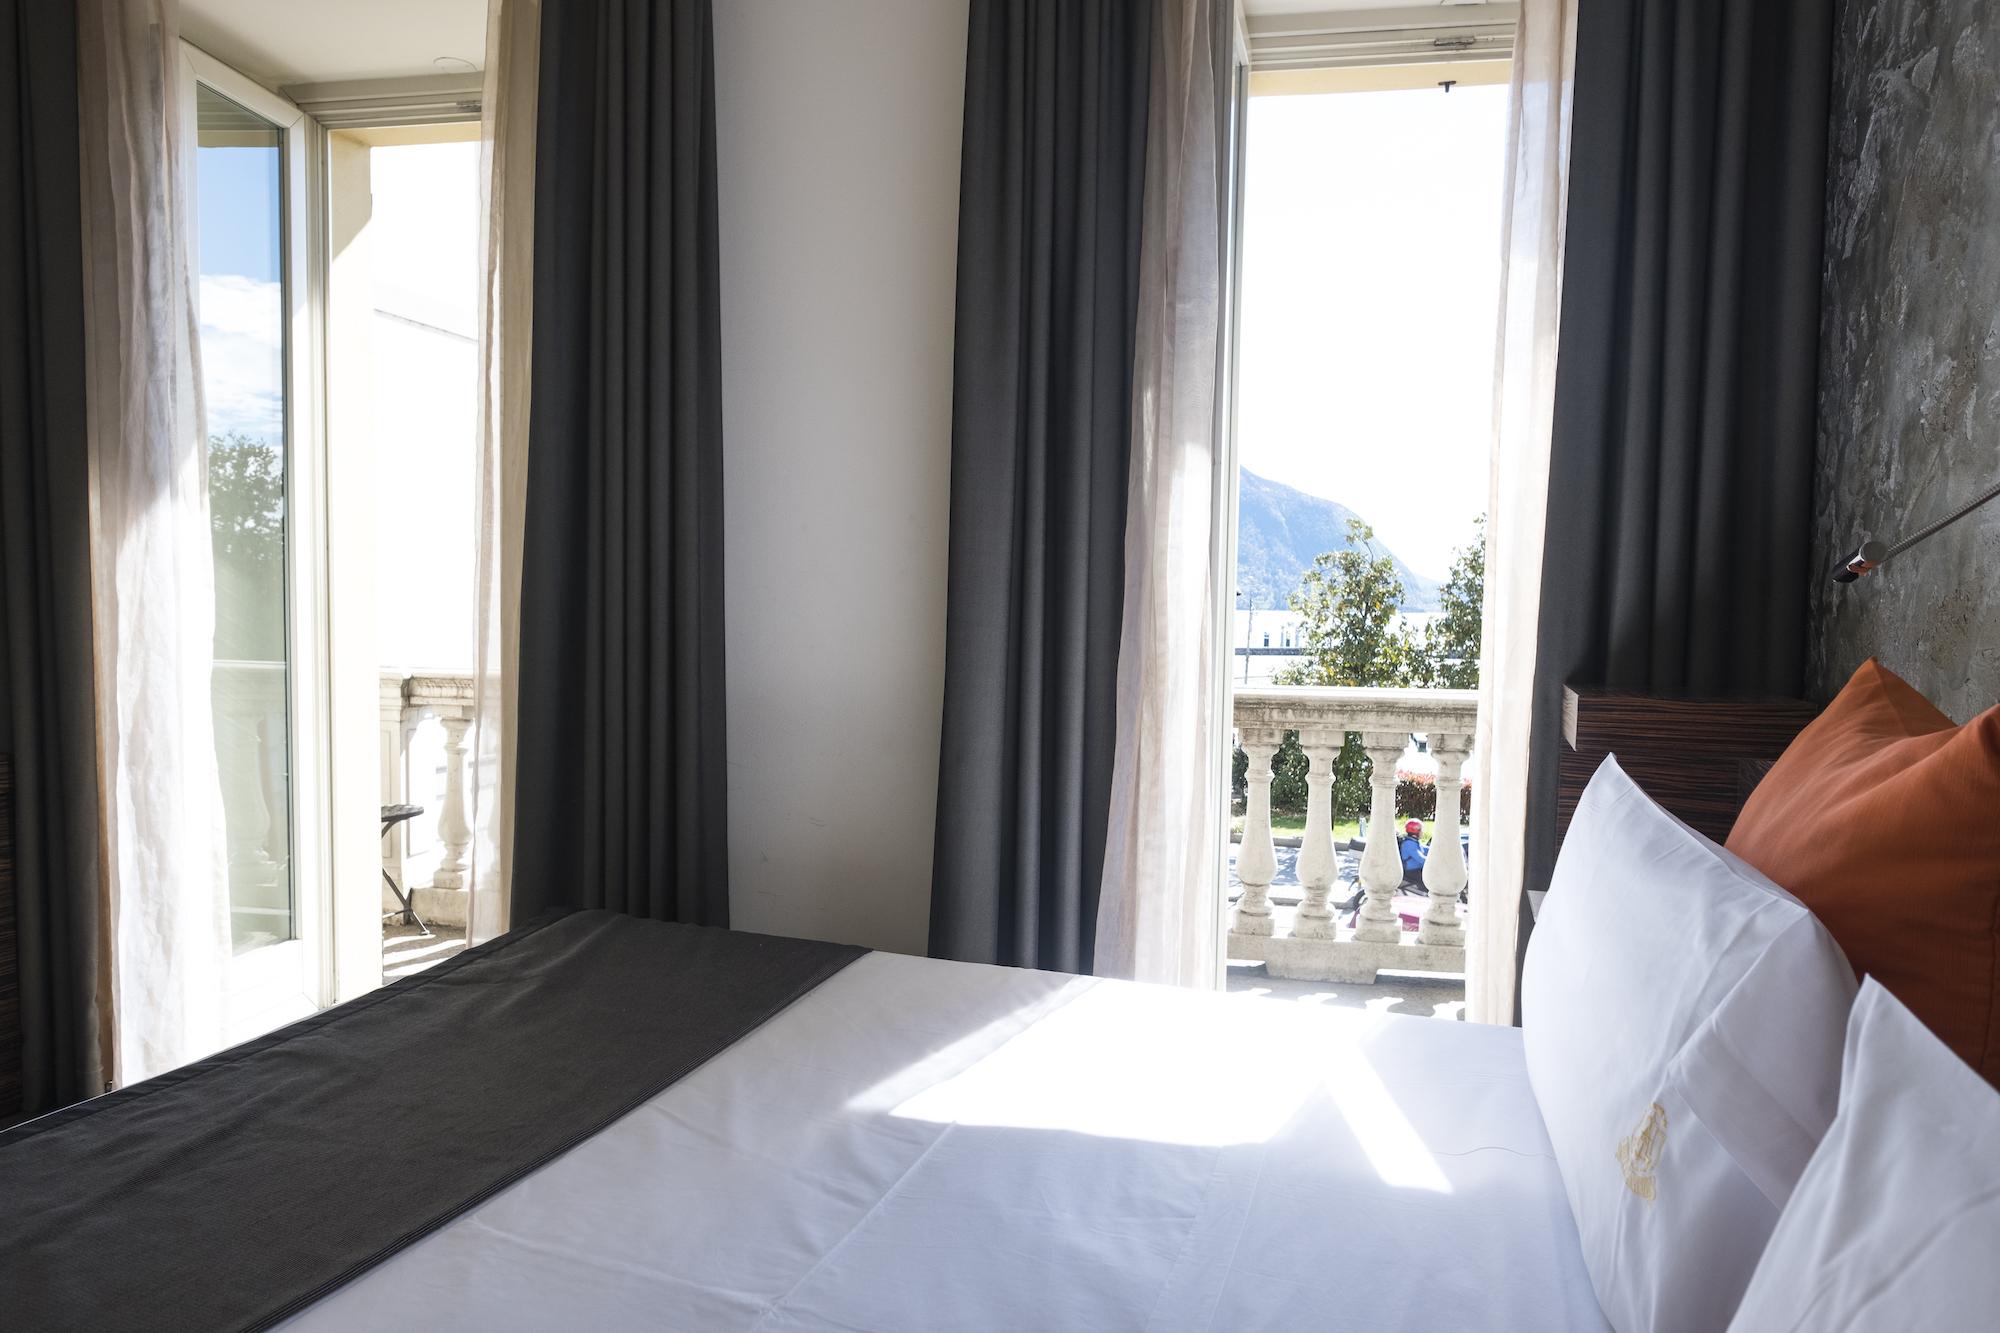 camera-hotel-ancora-deluxe_5